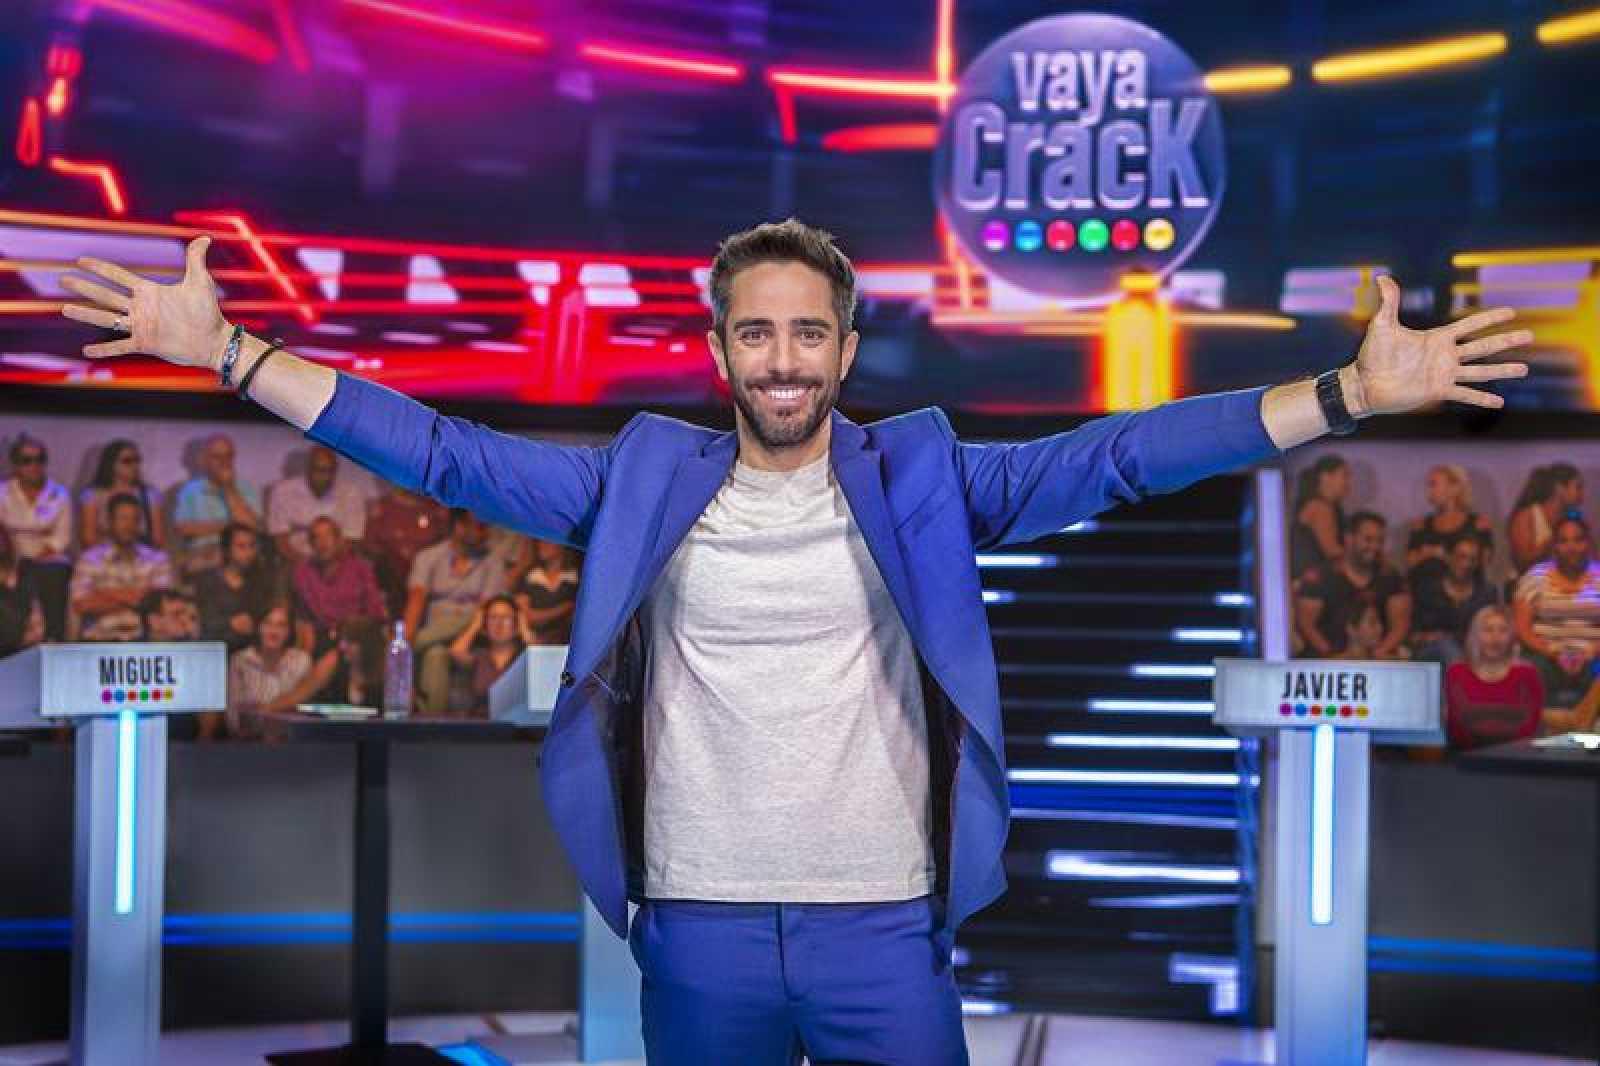 Roberto Leal se pone al frente del concurso familiar 'Vaya crack'